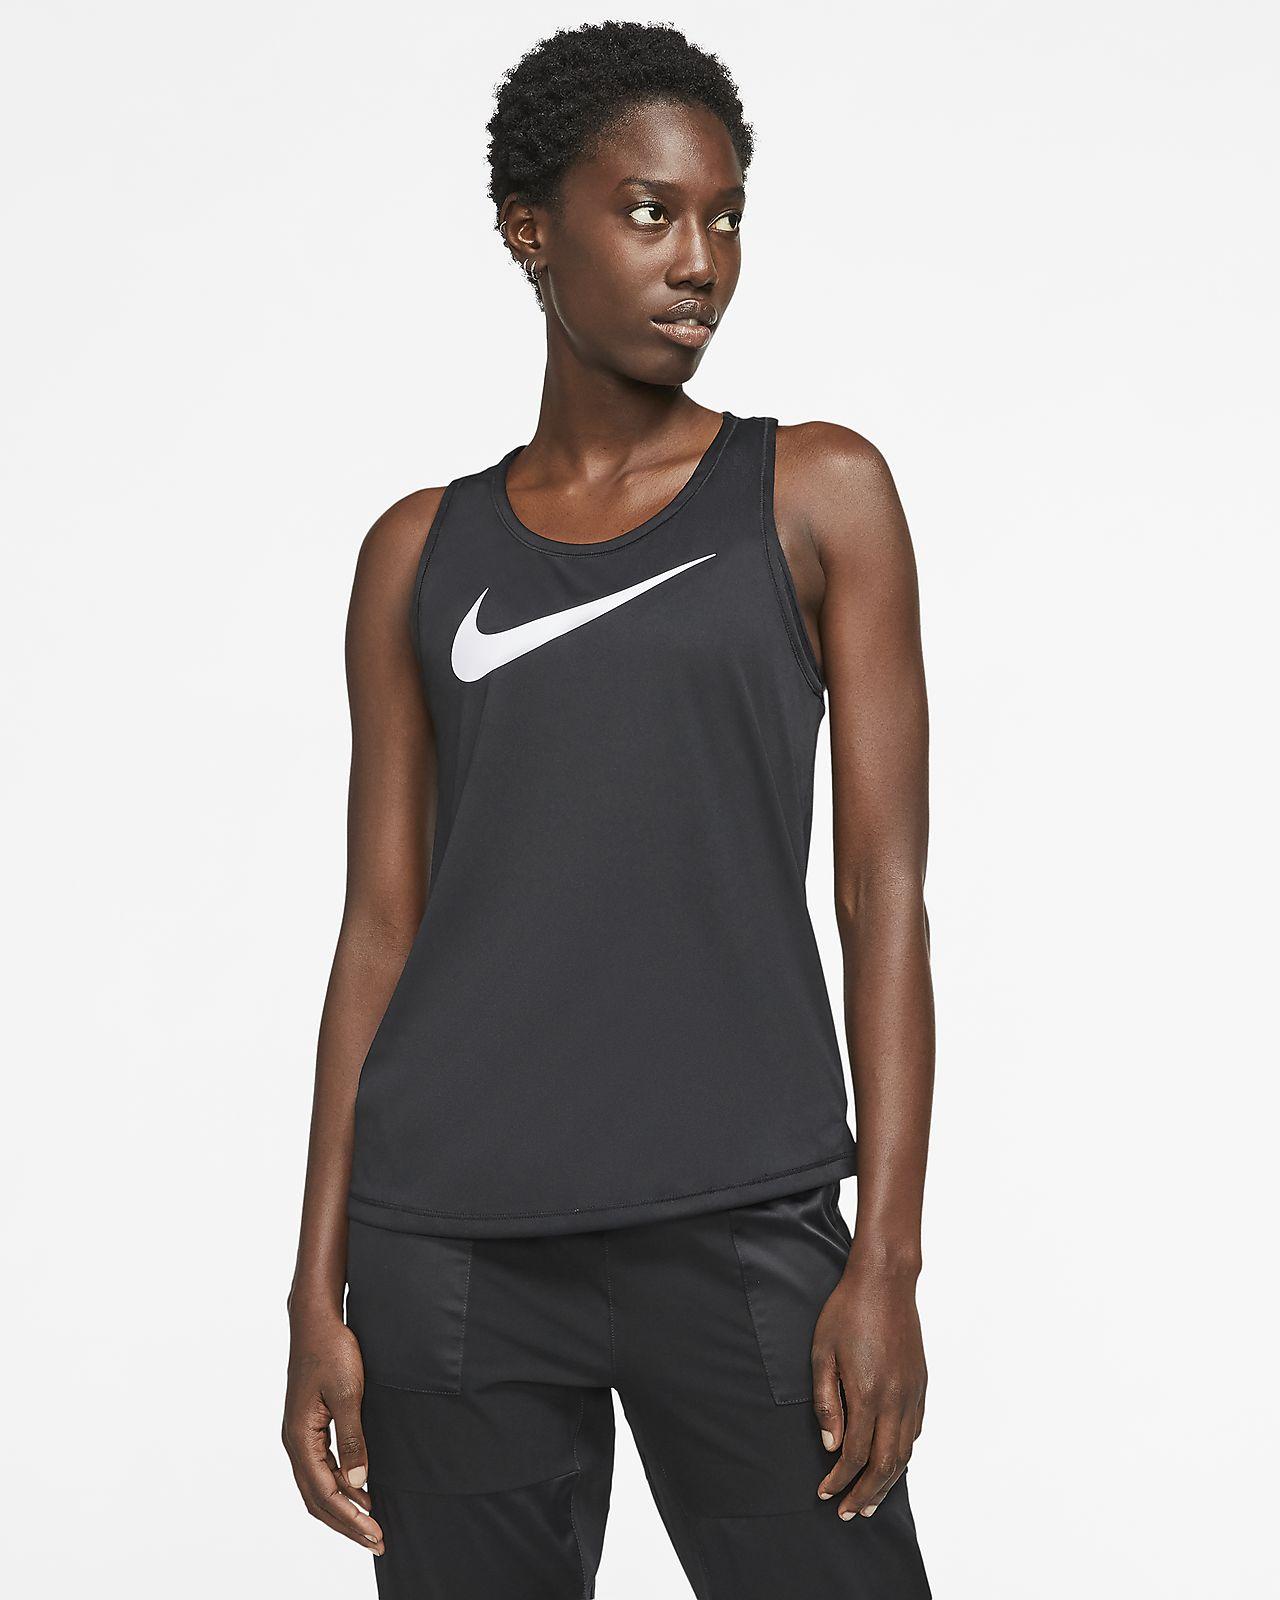 Canotta da running Nike Swoosh Donna